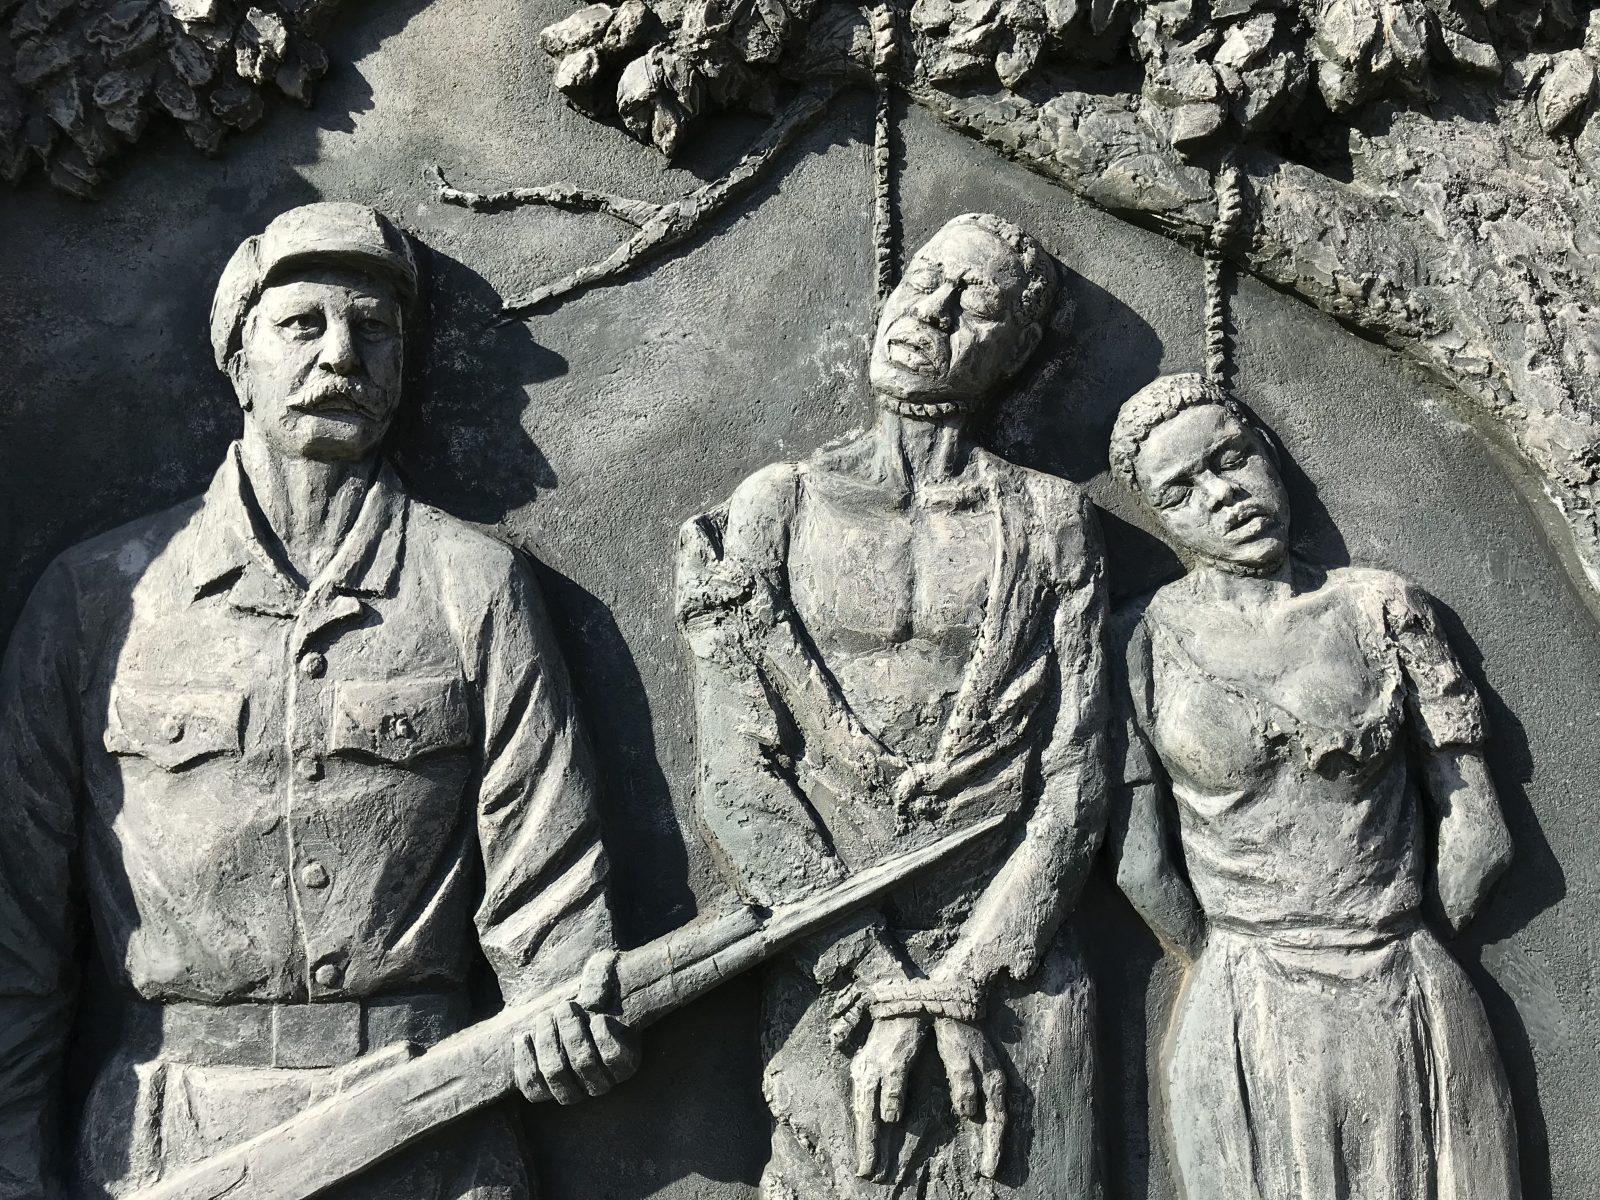 Kolonialismus-Denkmal in der namibischen Hauptstadt Windhoek: Die Grünen fordern eine intensivere Beschäftigung mit der deutschen Kolonialschuld